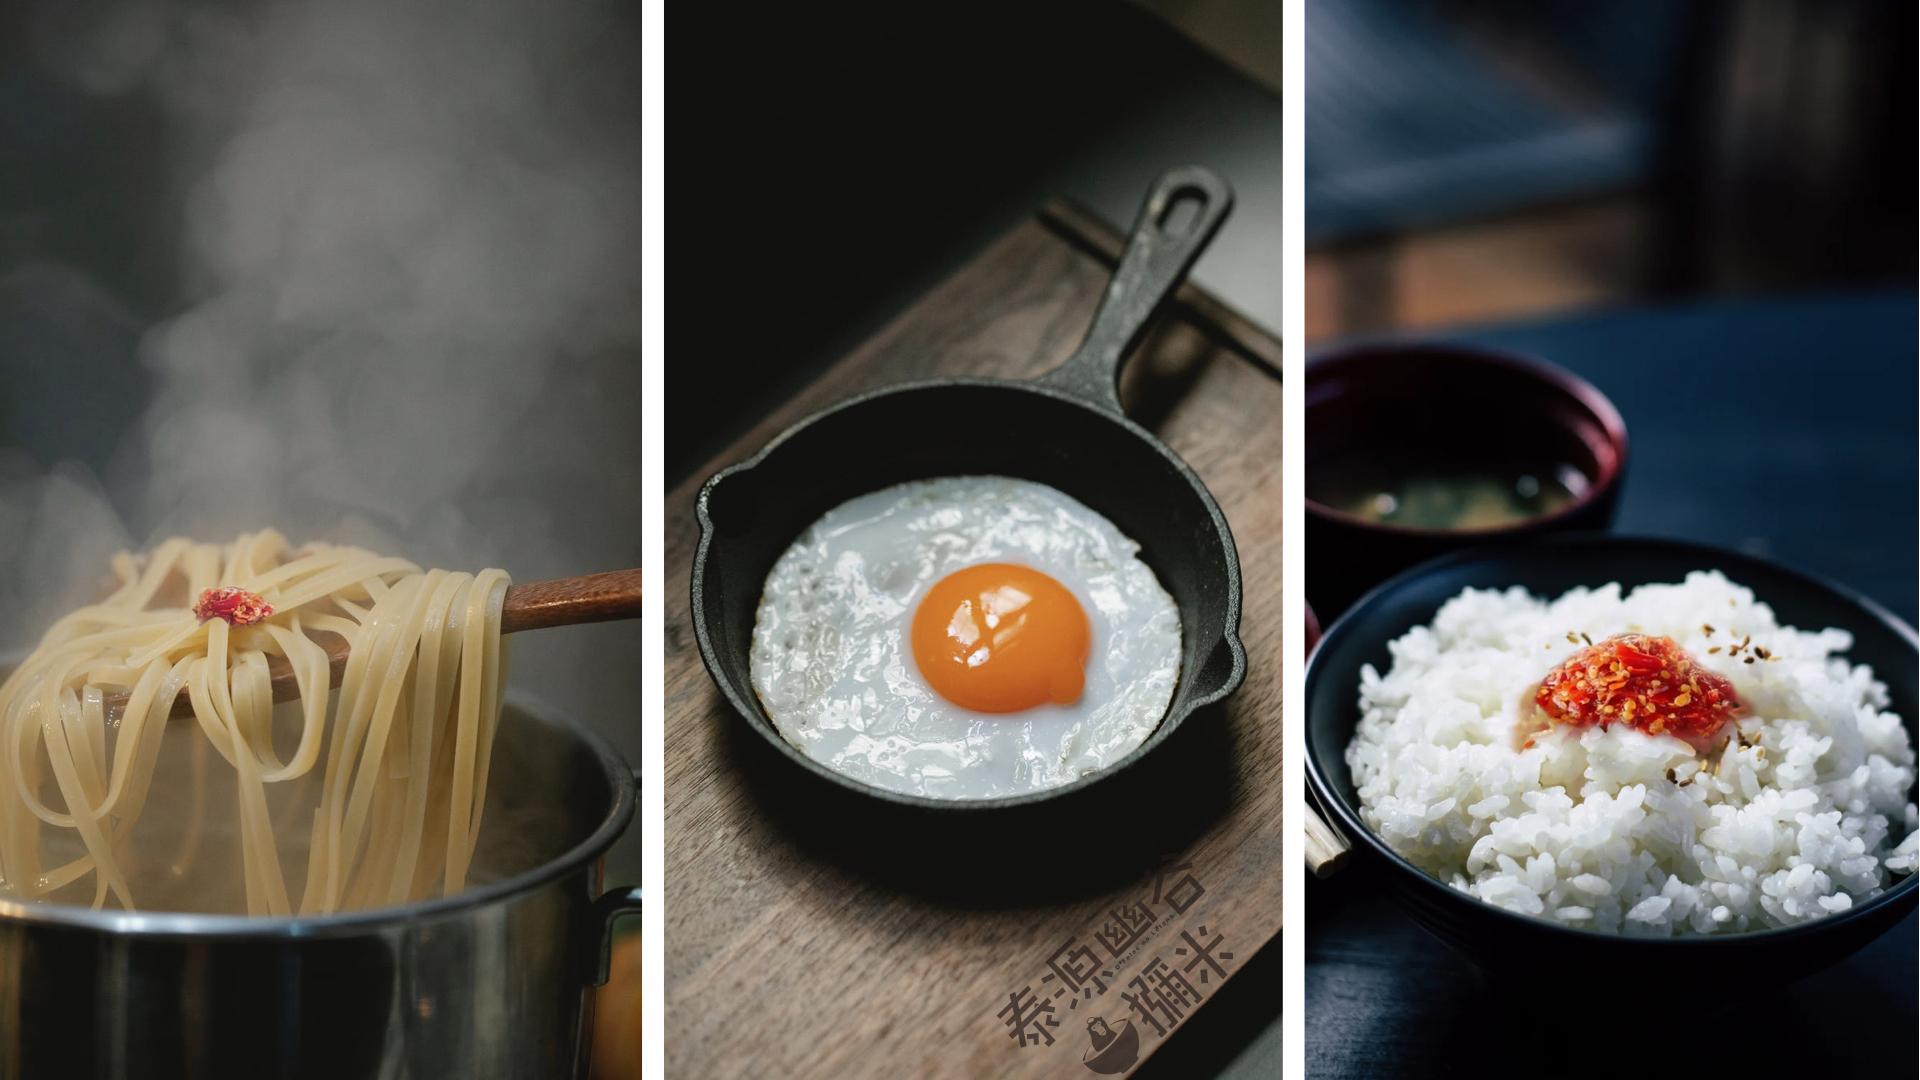 剛好的麵條、荷包蛋、白米飯都可以與馬告辣椒食用與獼米LOGO